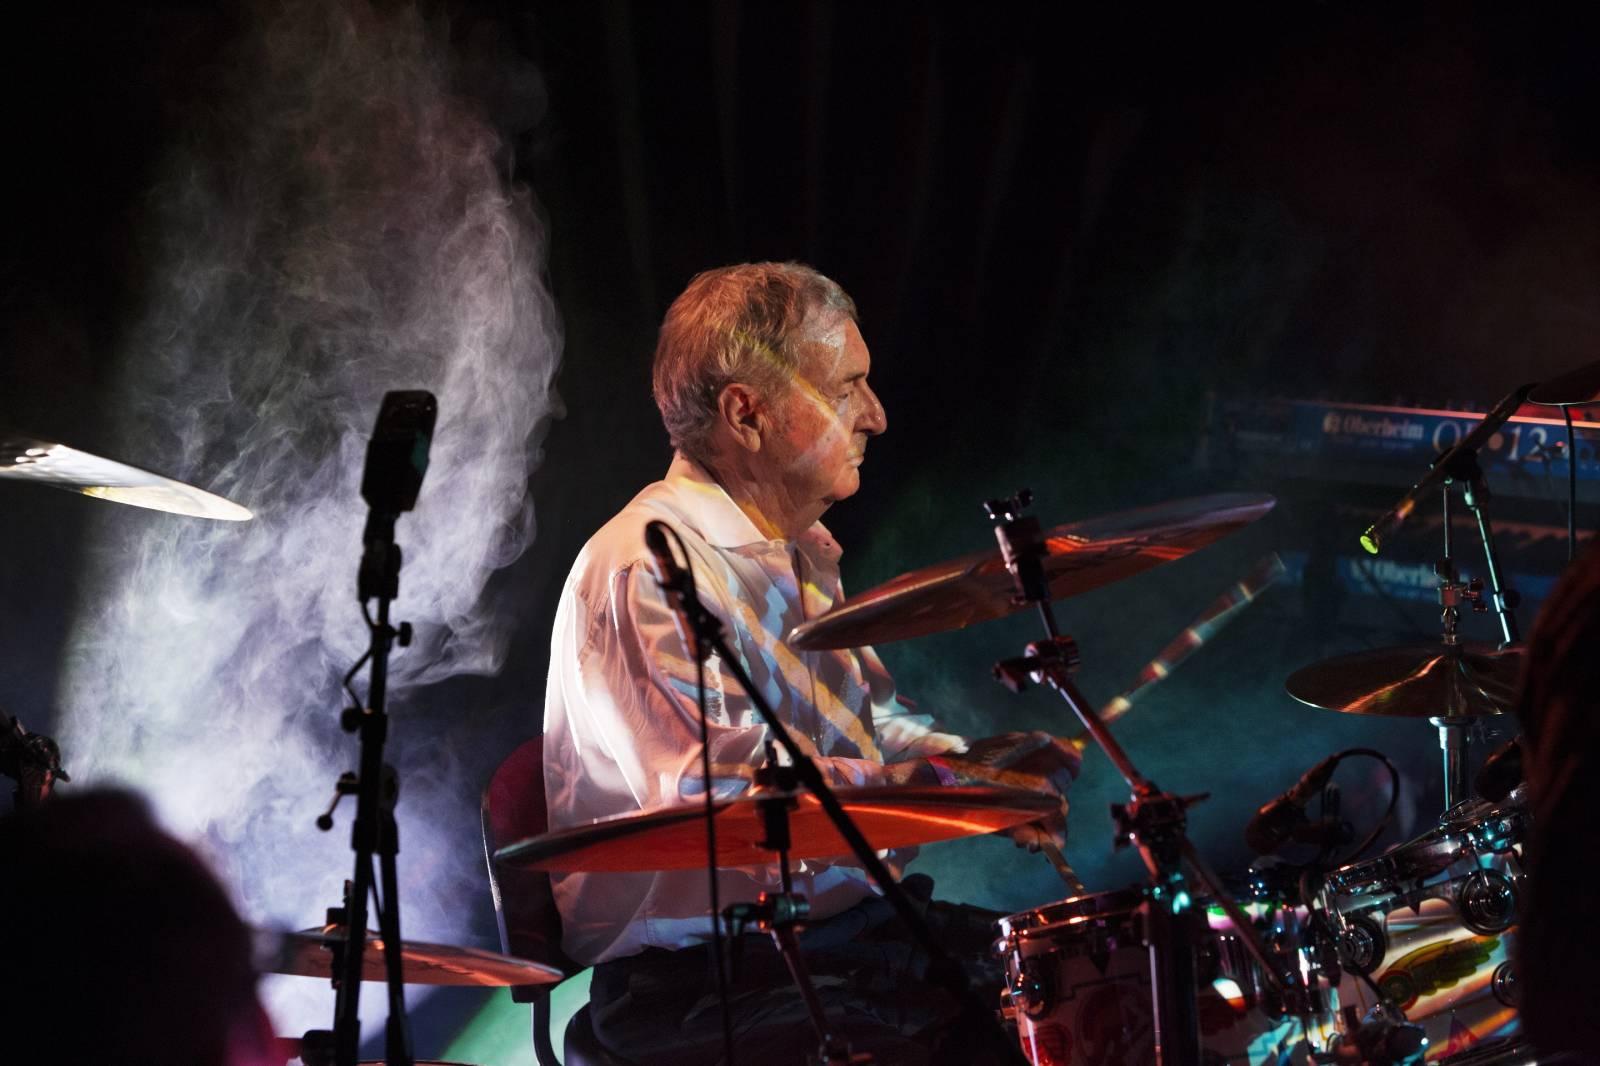 Pražský koncert bubeníka Pink Floyd se blíží. Nick Mason představí v Lucerně ranou tvorbu ikonické kapely